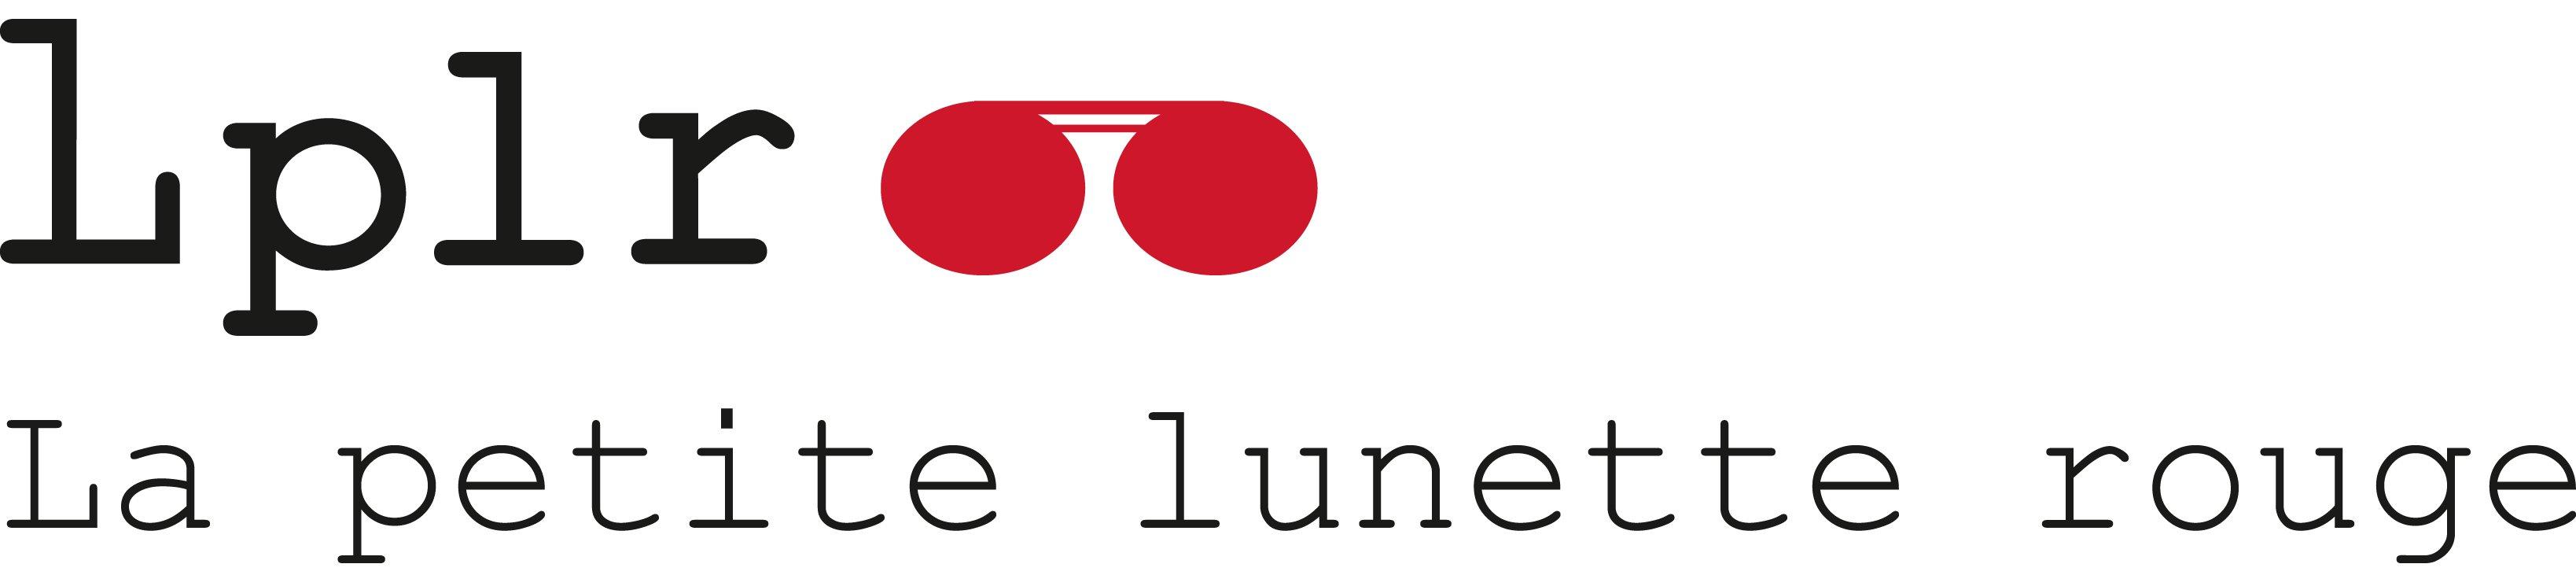 La petite lunette rouge